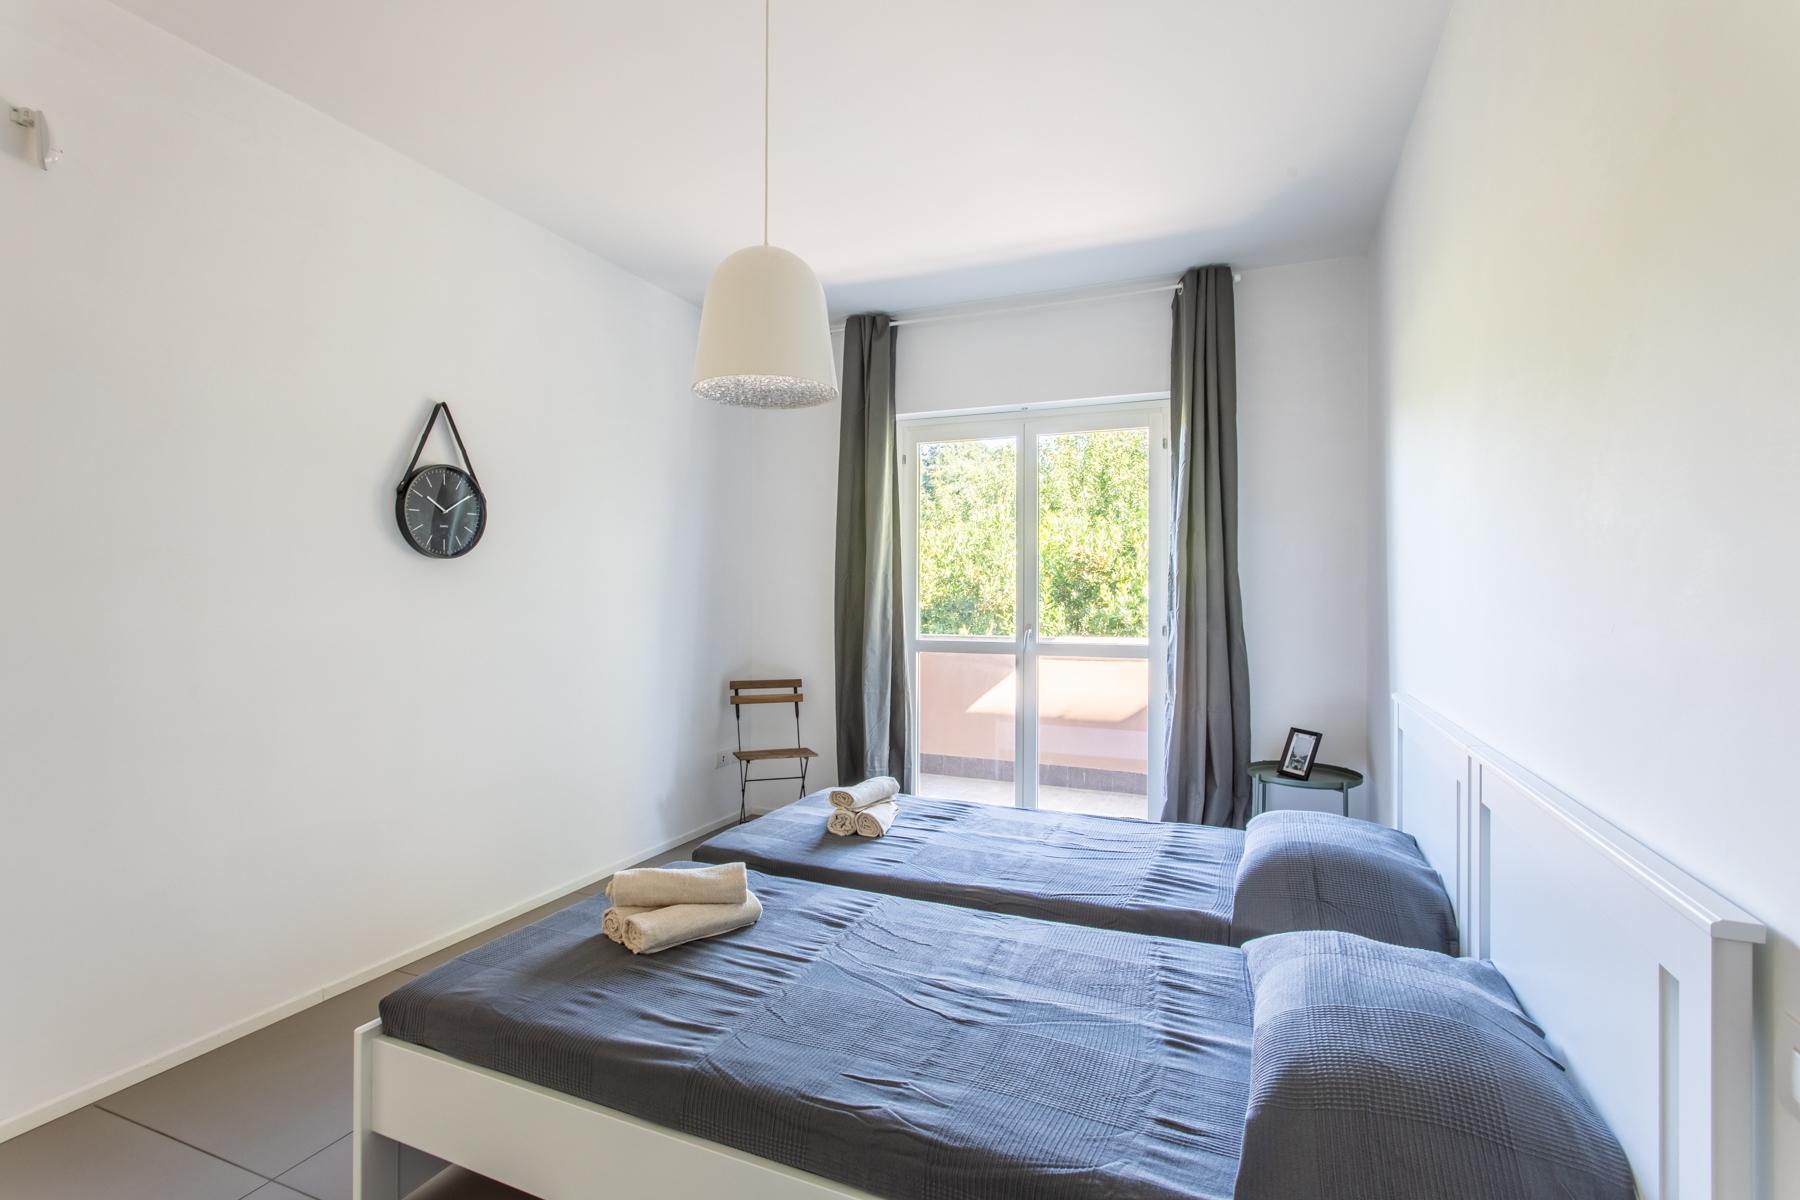 Appartamento in Vendita a Trevignano Romano: 4 locali, 100 mq - Foto 6